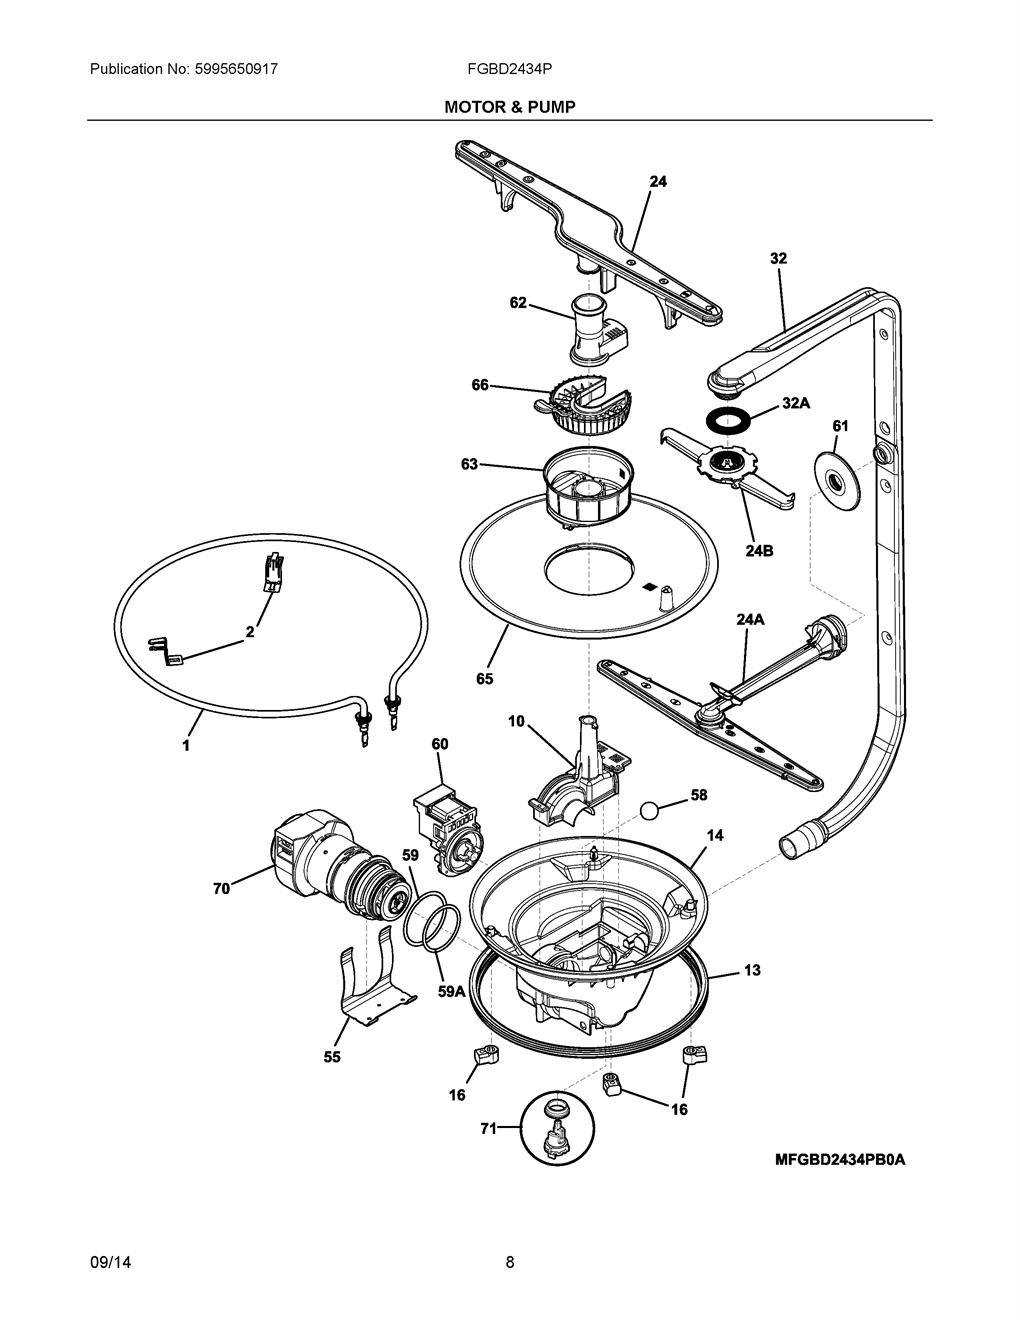 frigidaire fgbd2434pw2a pump motor bracket